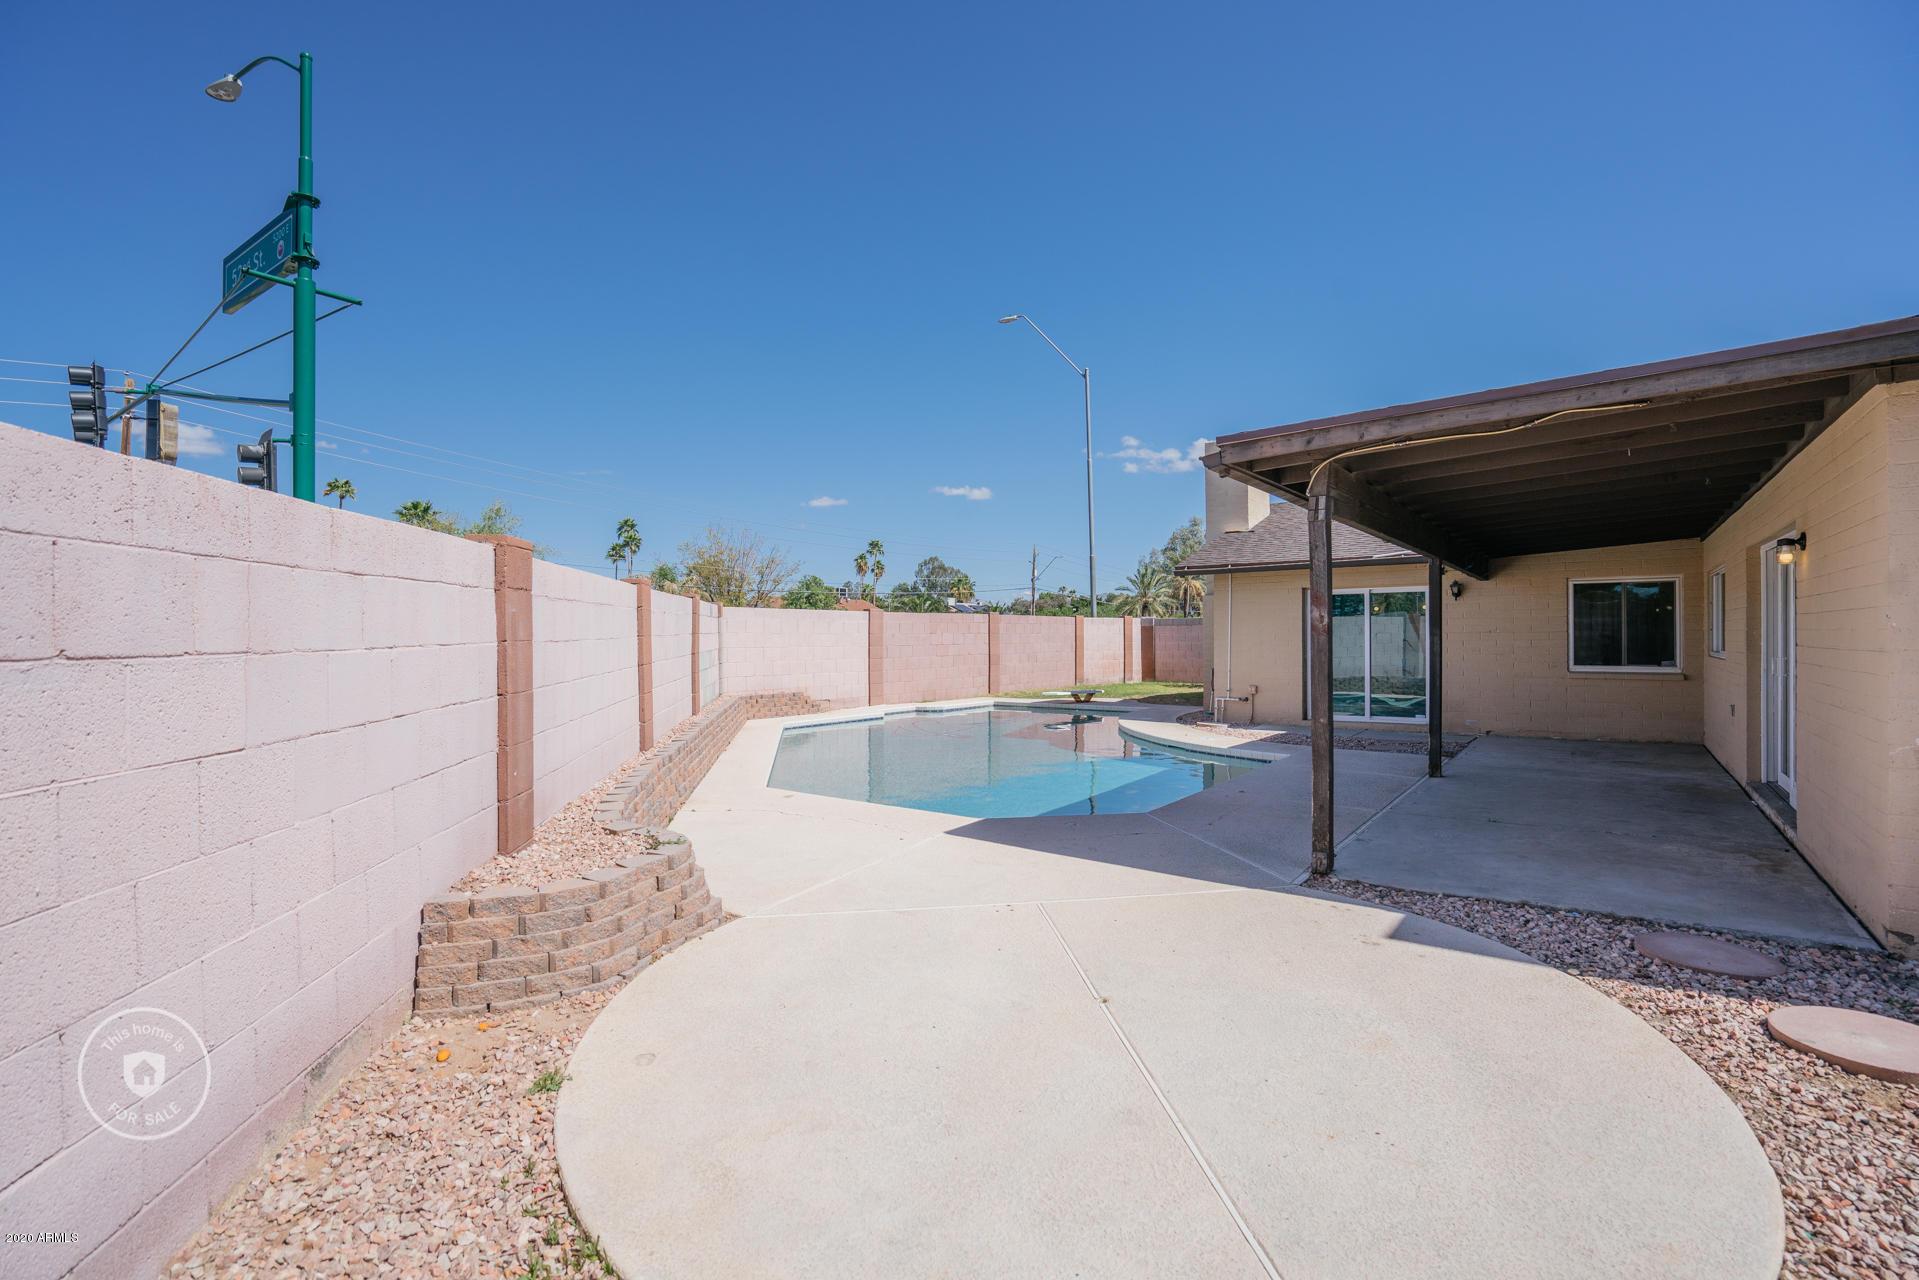 MLS 6048947 5202 E KAREN Drive, Scottsdale, AZ 85254 Scottsdale AZ Private Pool